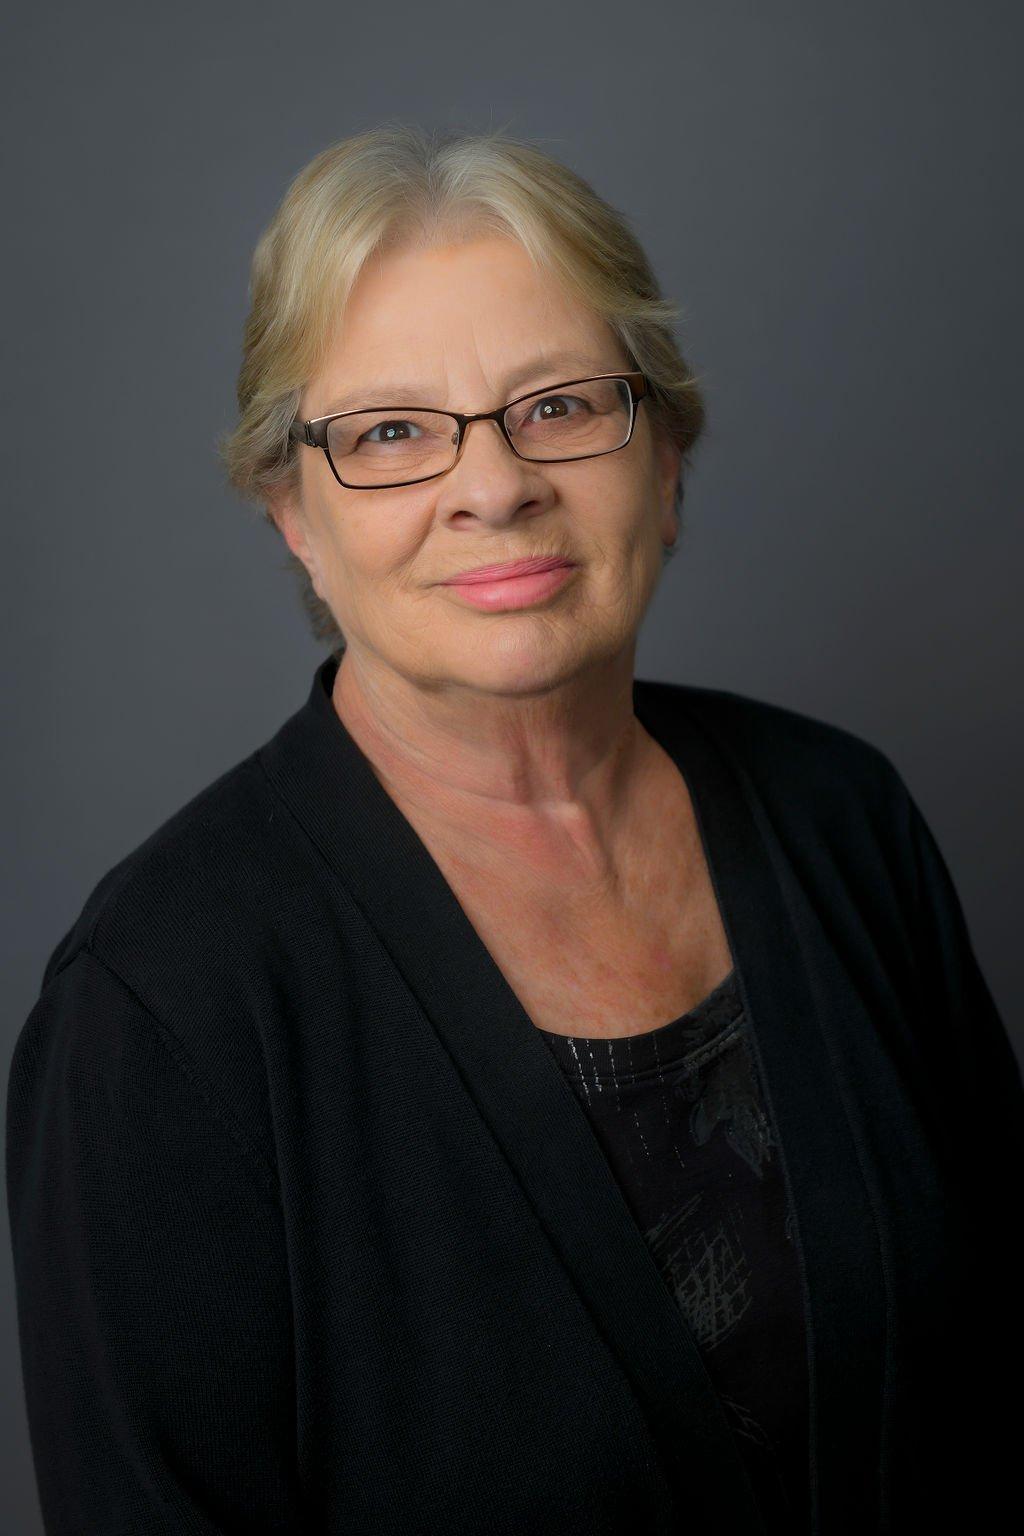 Rita Wagner